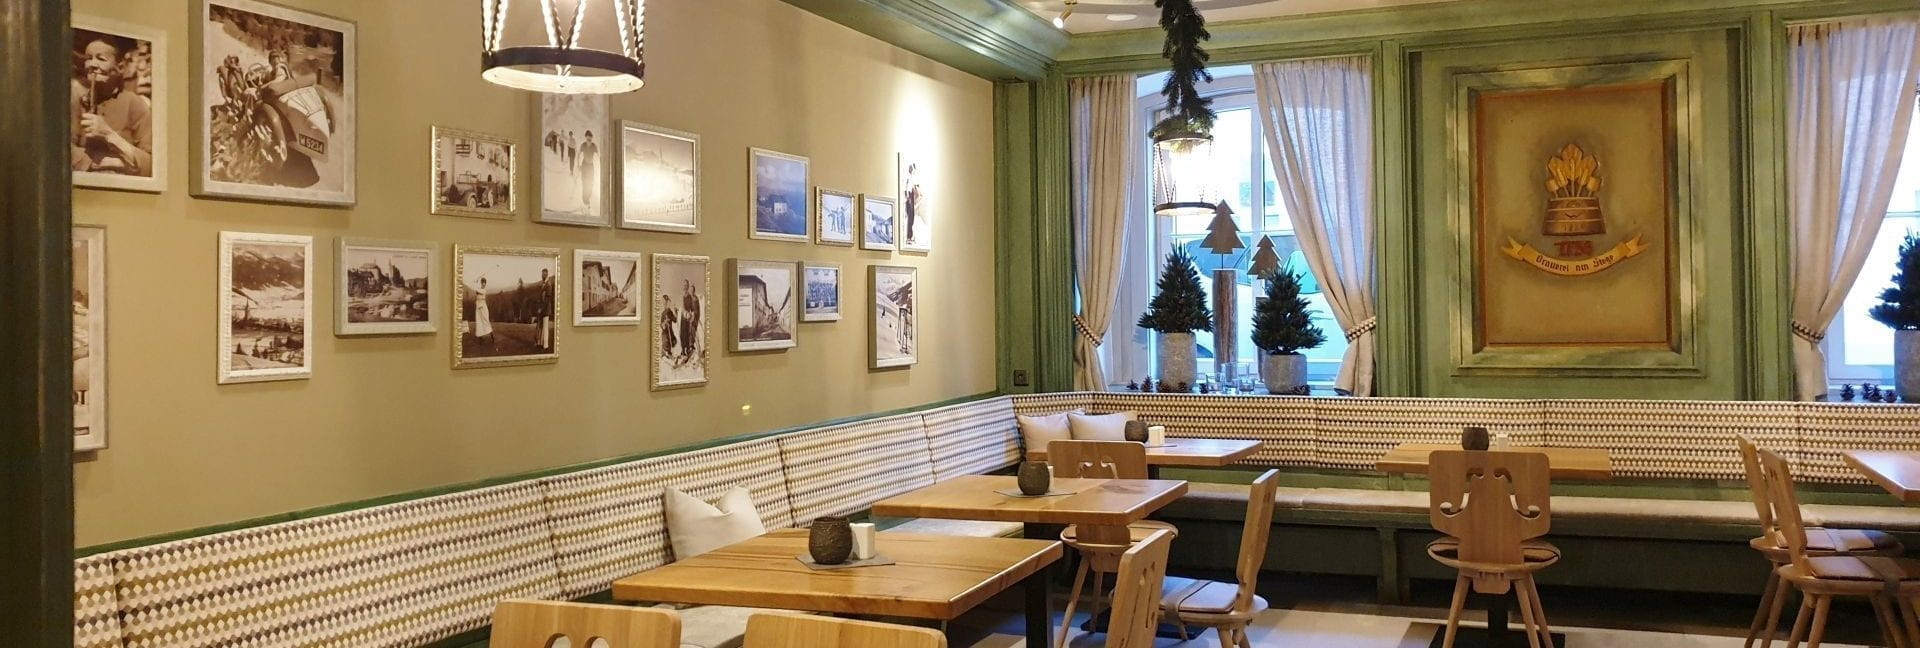 Die Dirndlstube - eine der gemütlichen Stuben der Restaurant-Lokalitäten im Stegerbräu